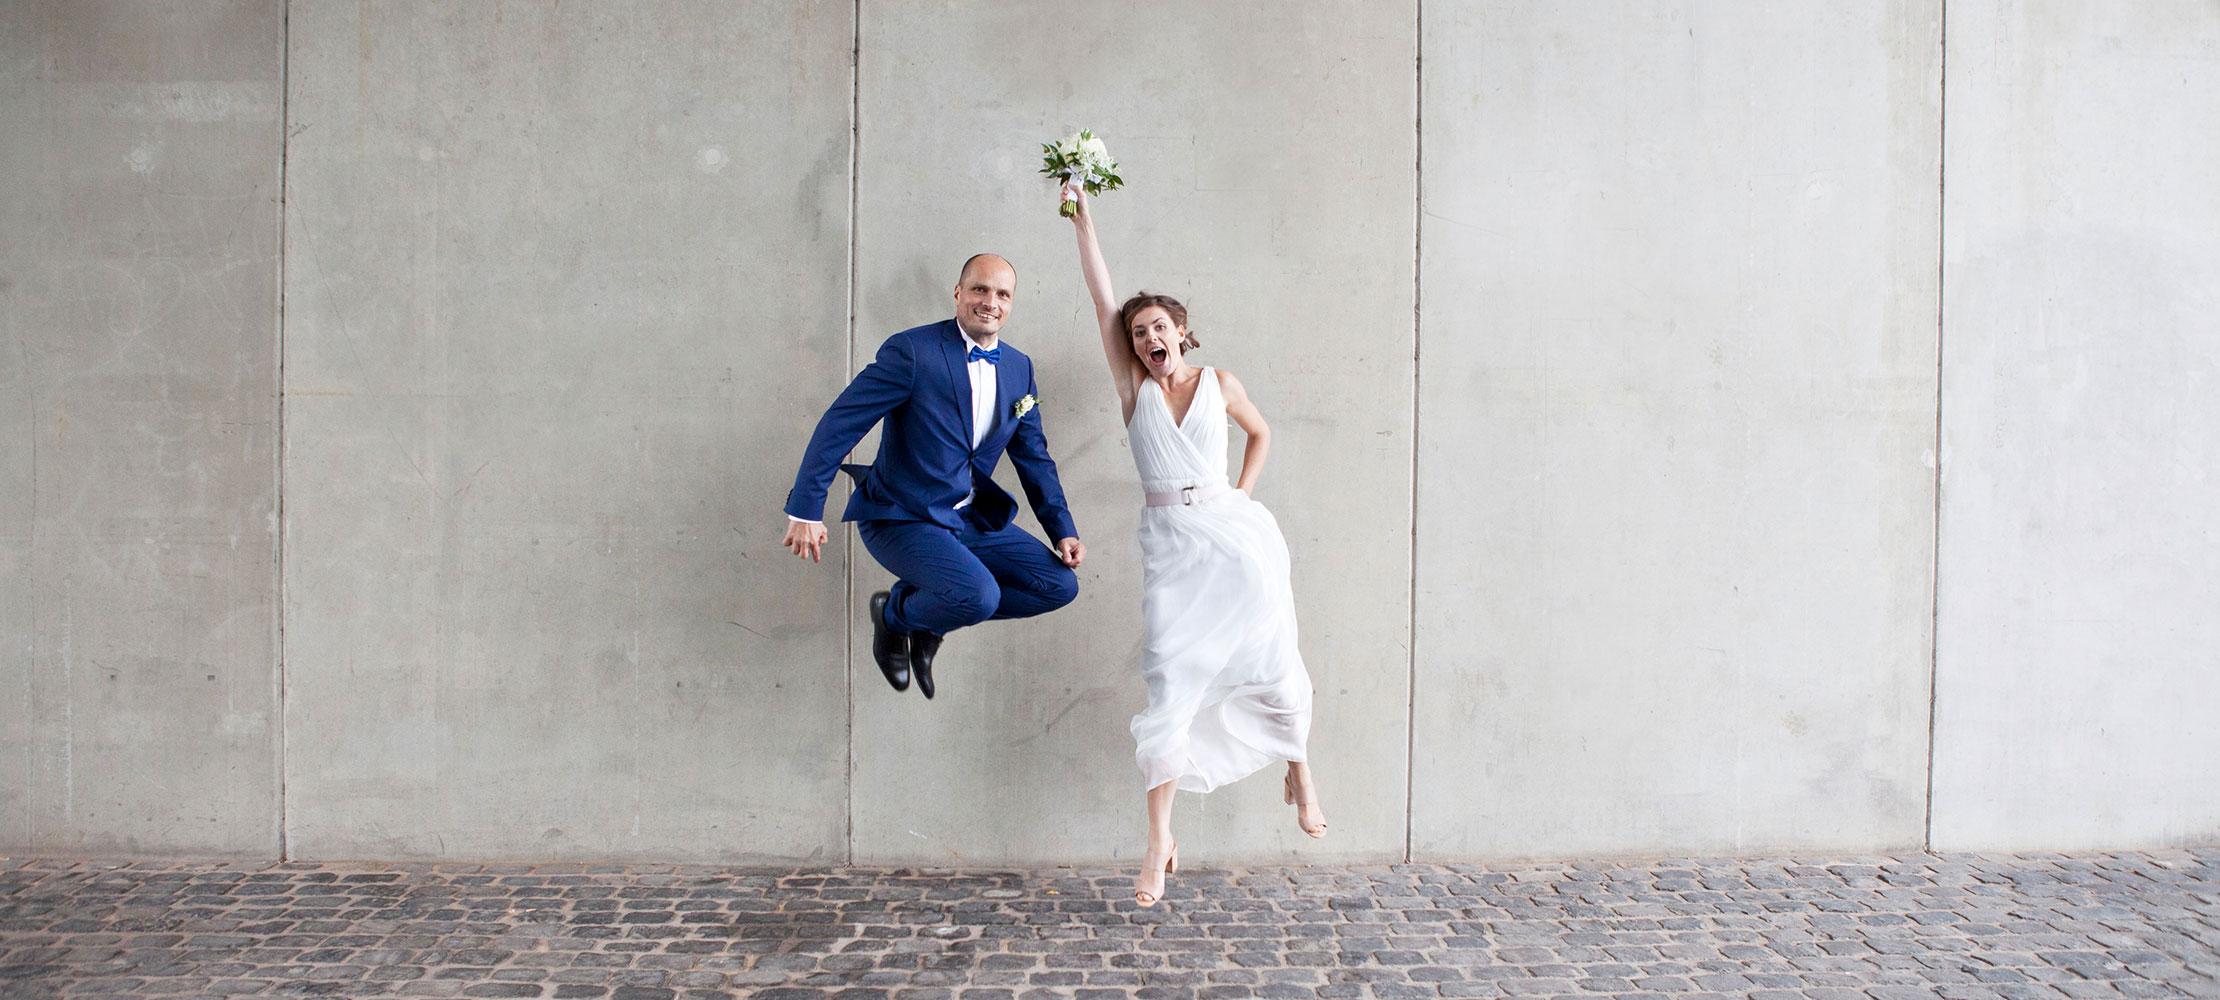 Hochzeitsfotografie-Eileen-Maes-alissa-dominik-3